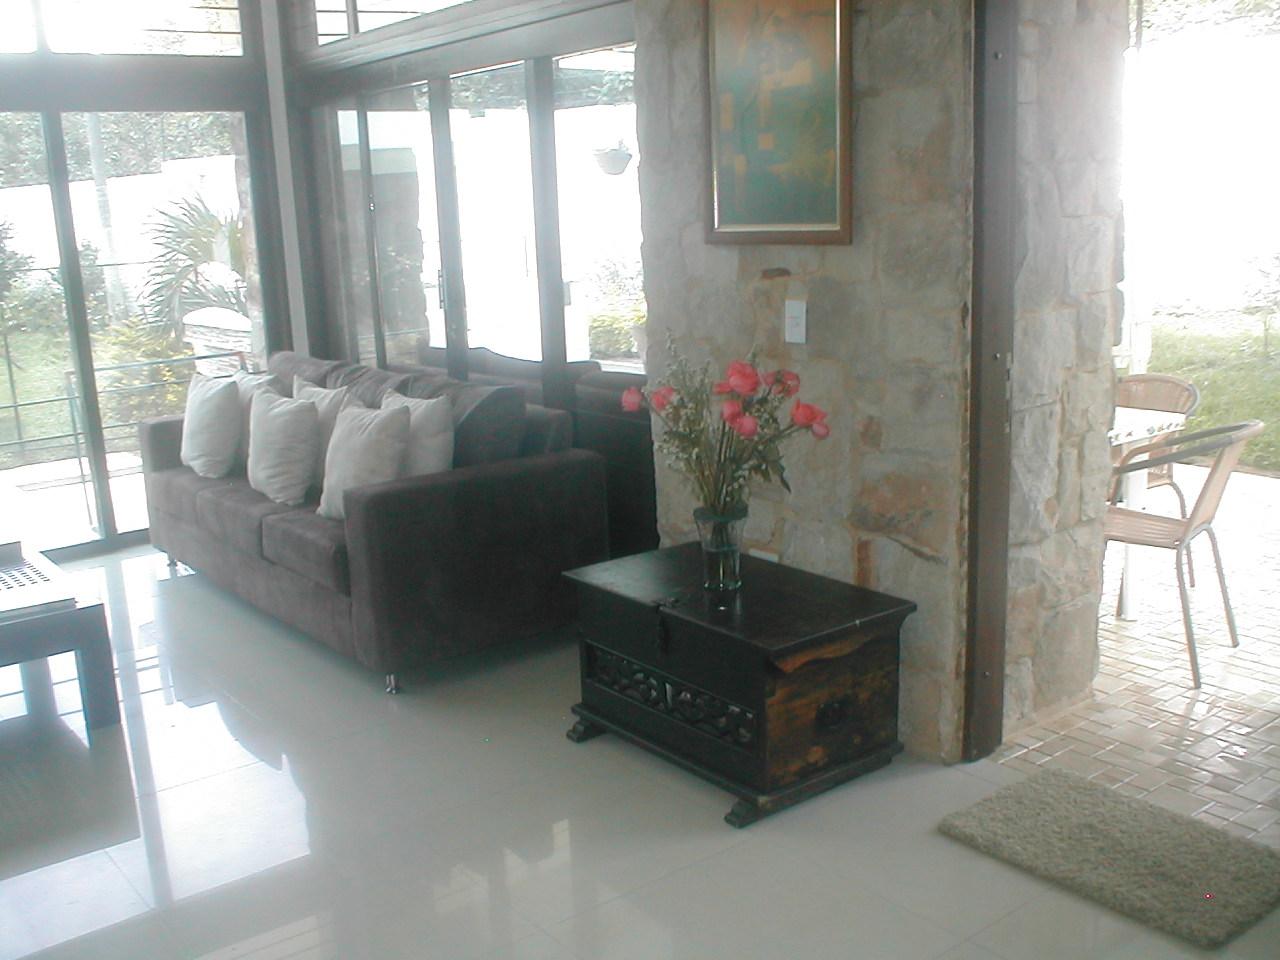 Vente maison de campagne cali valle del cauca colombie for Casa de eventos en ciudad jardin cali